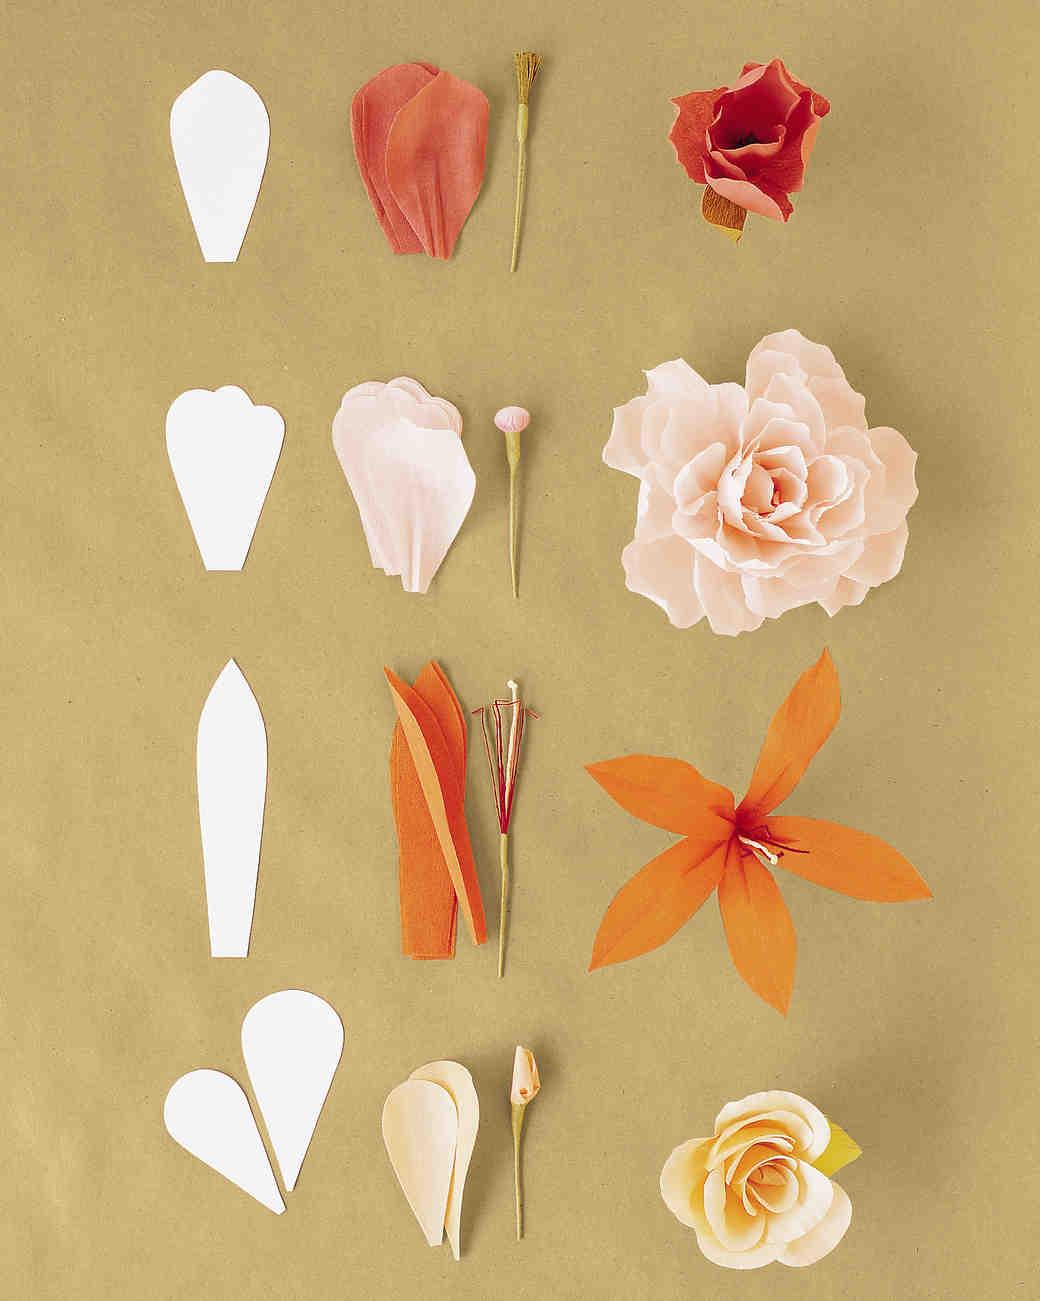 ml243_spr01_crepe_paper_flowers_ff2.jpg